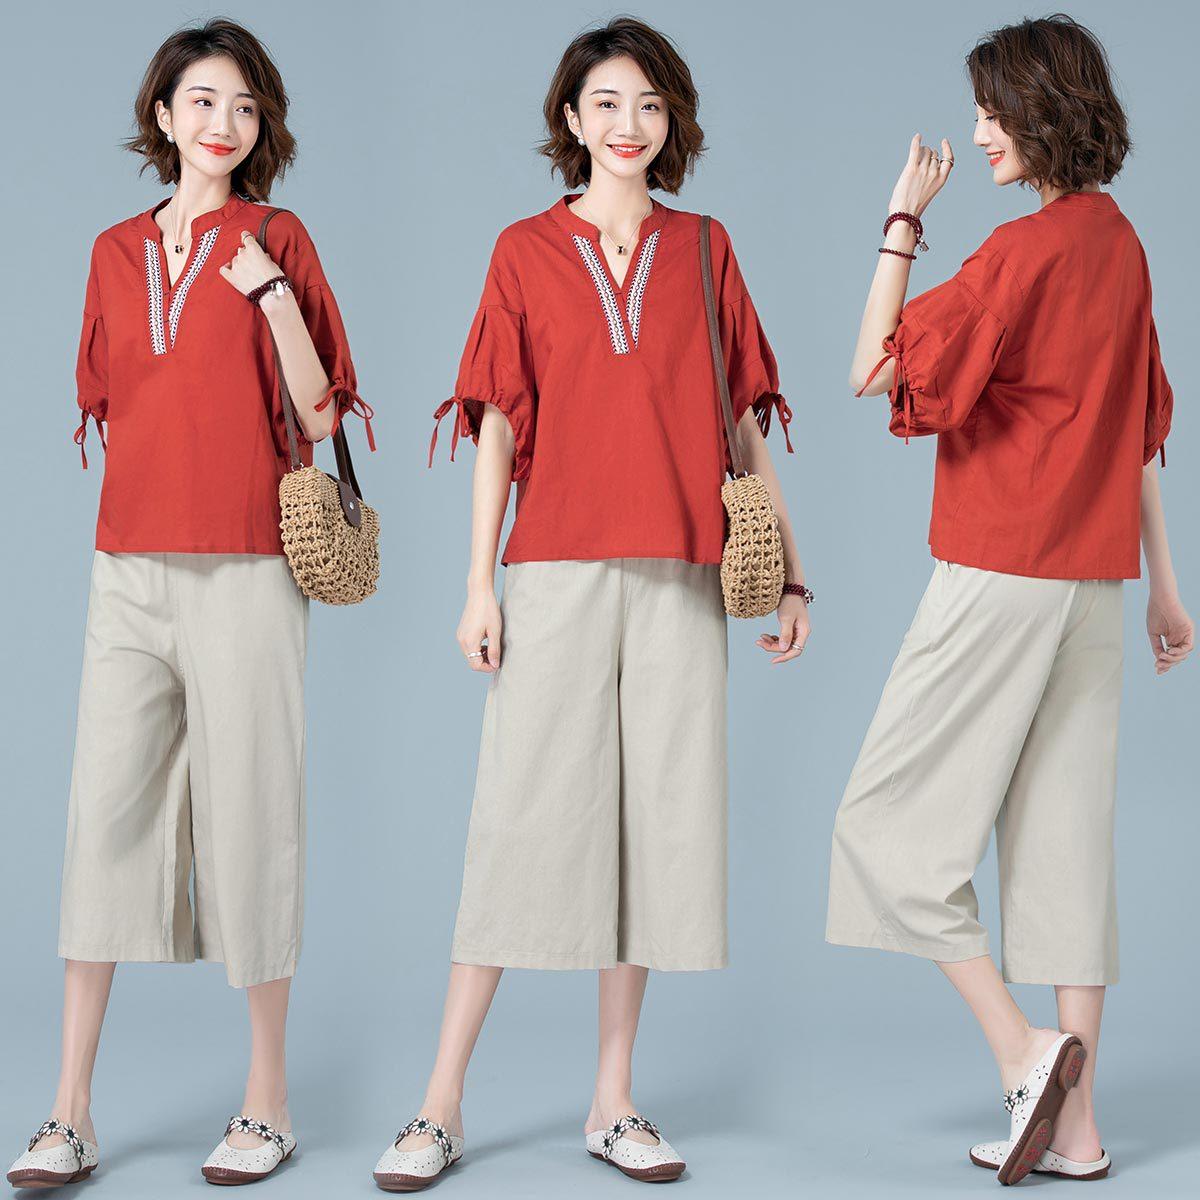 Elegant Fashion Set/Suit Skirt Loose-Fit 2019 Summer Elegant Cool Short Sleeve